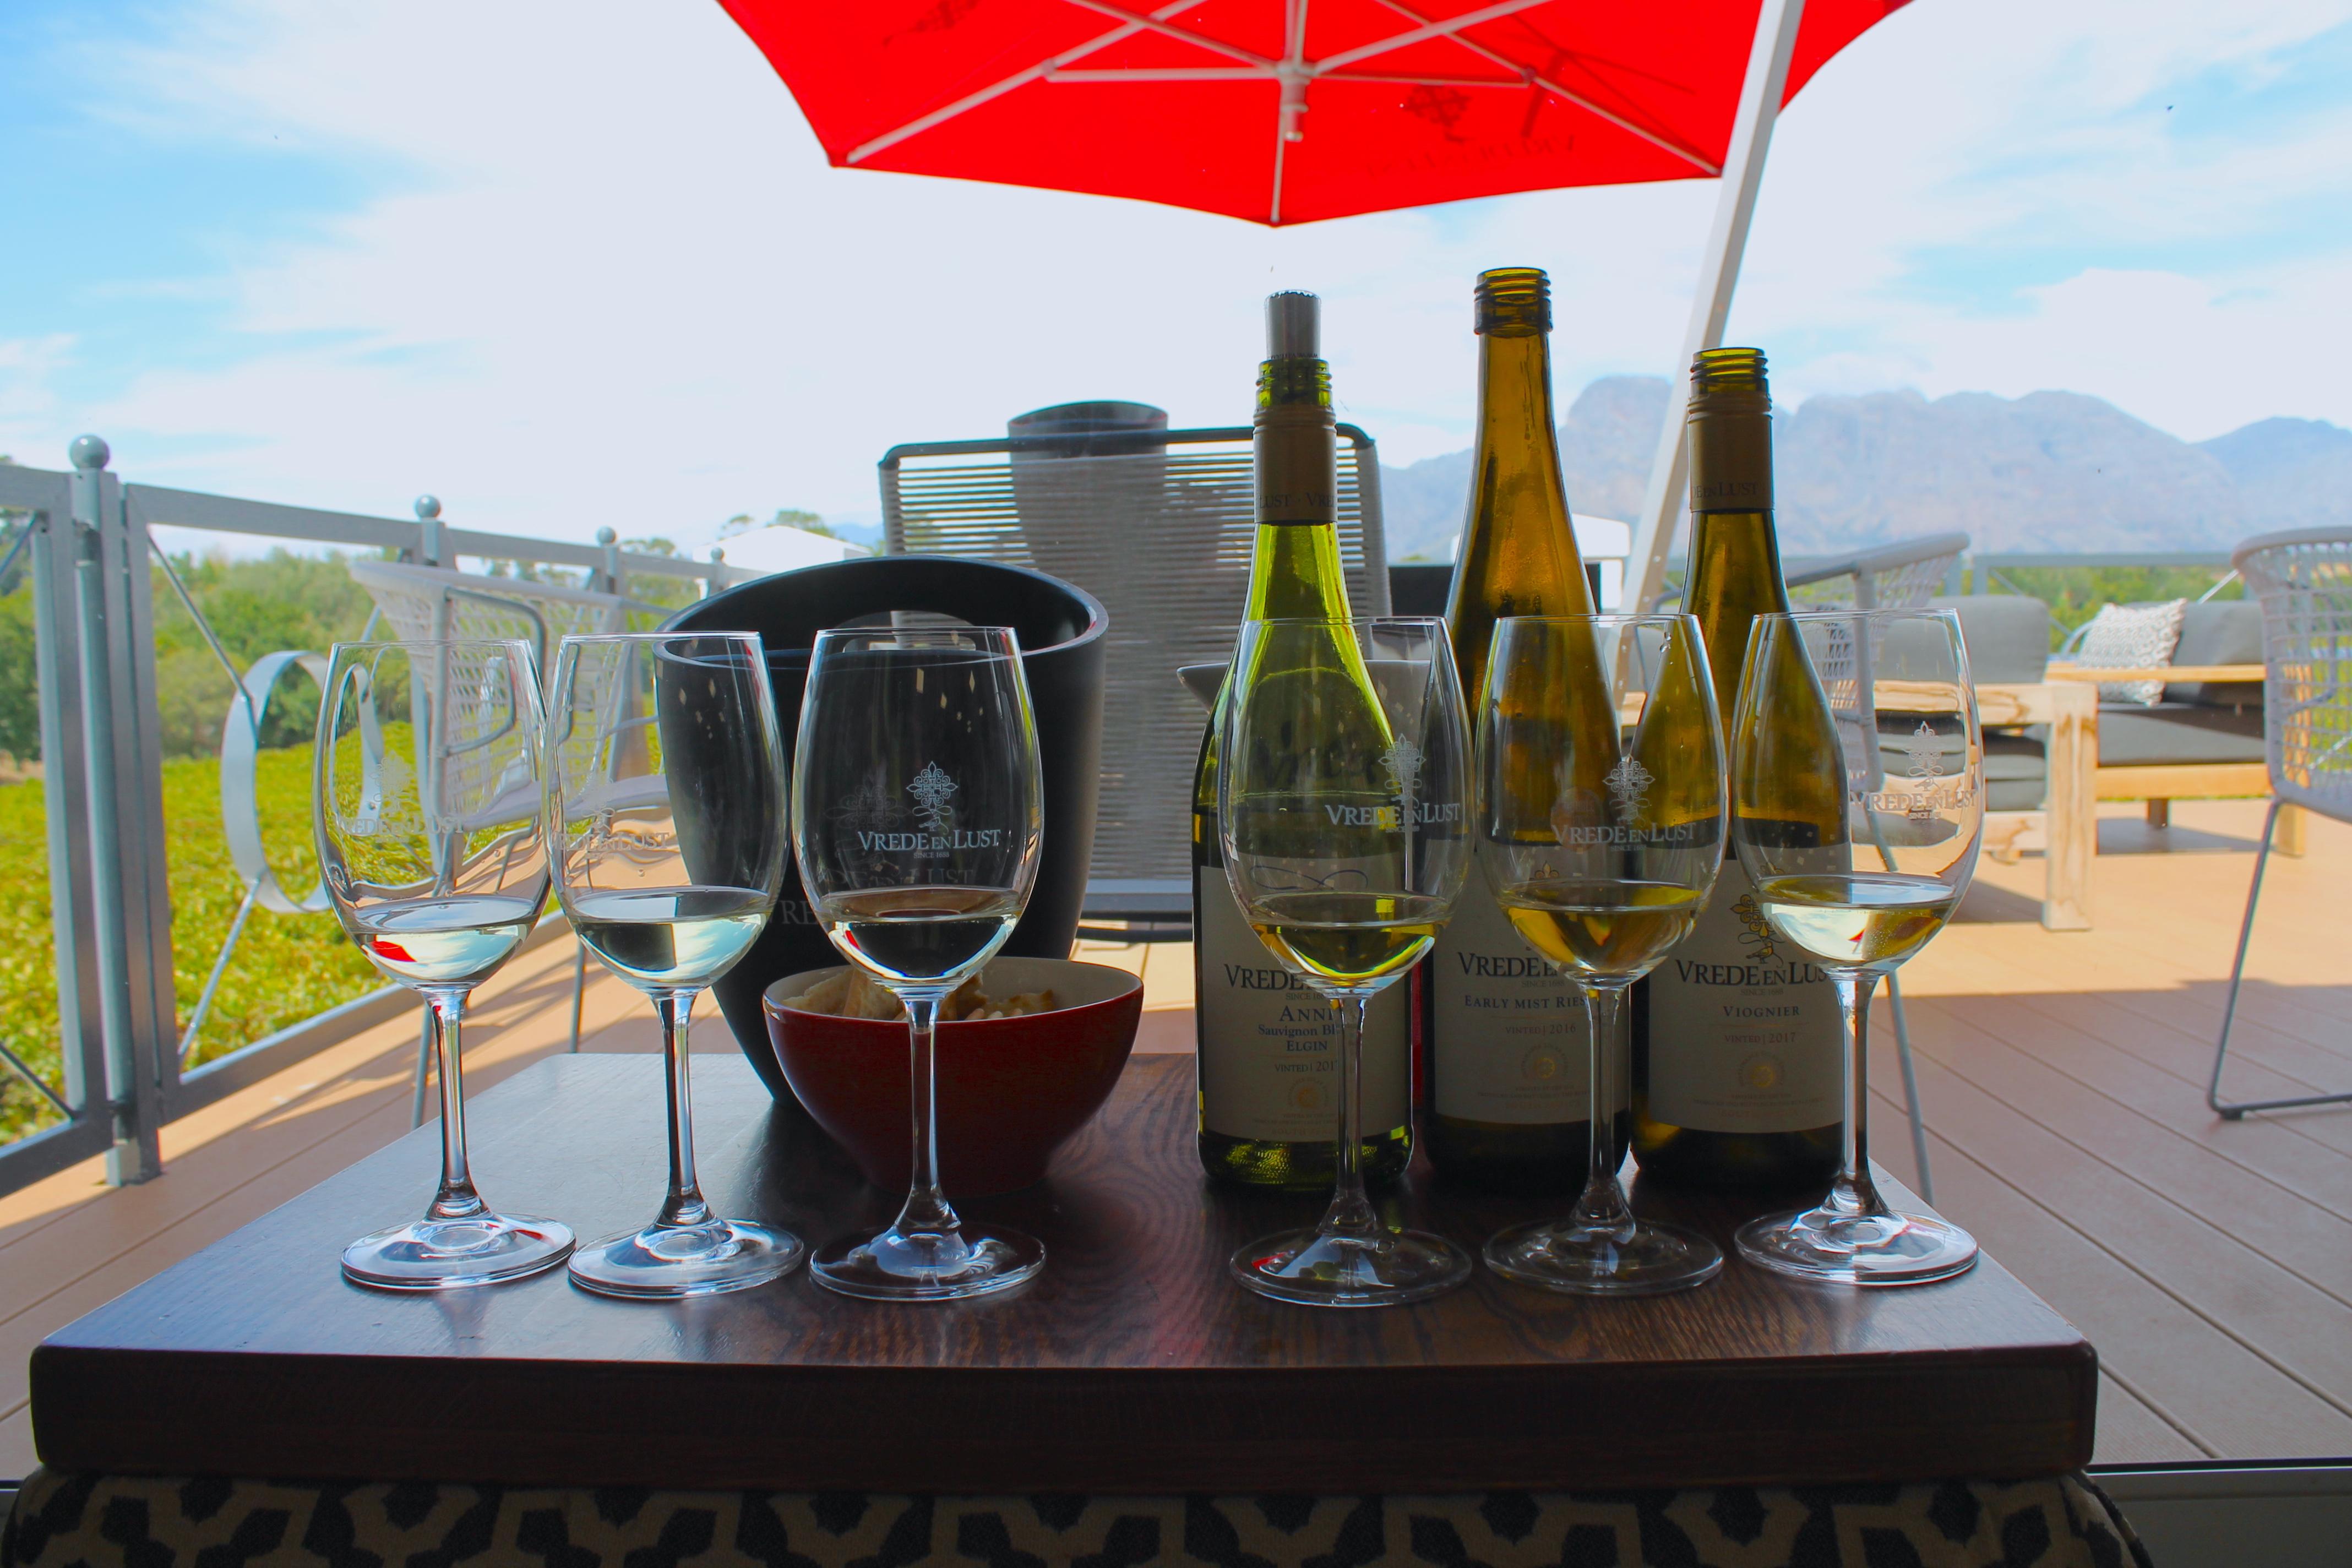 wine-tasting-vrede-en-lust-lustoforthesublime